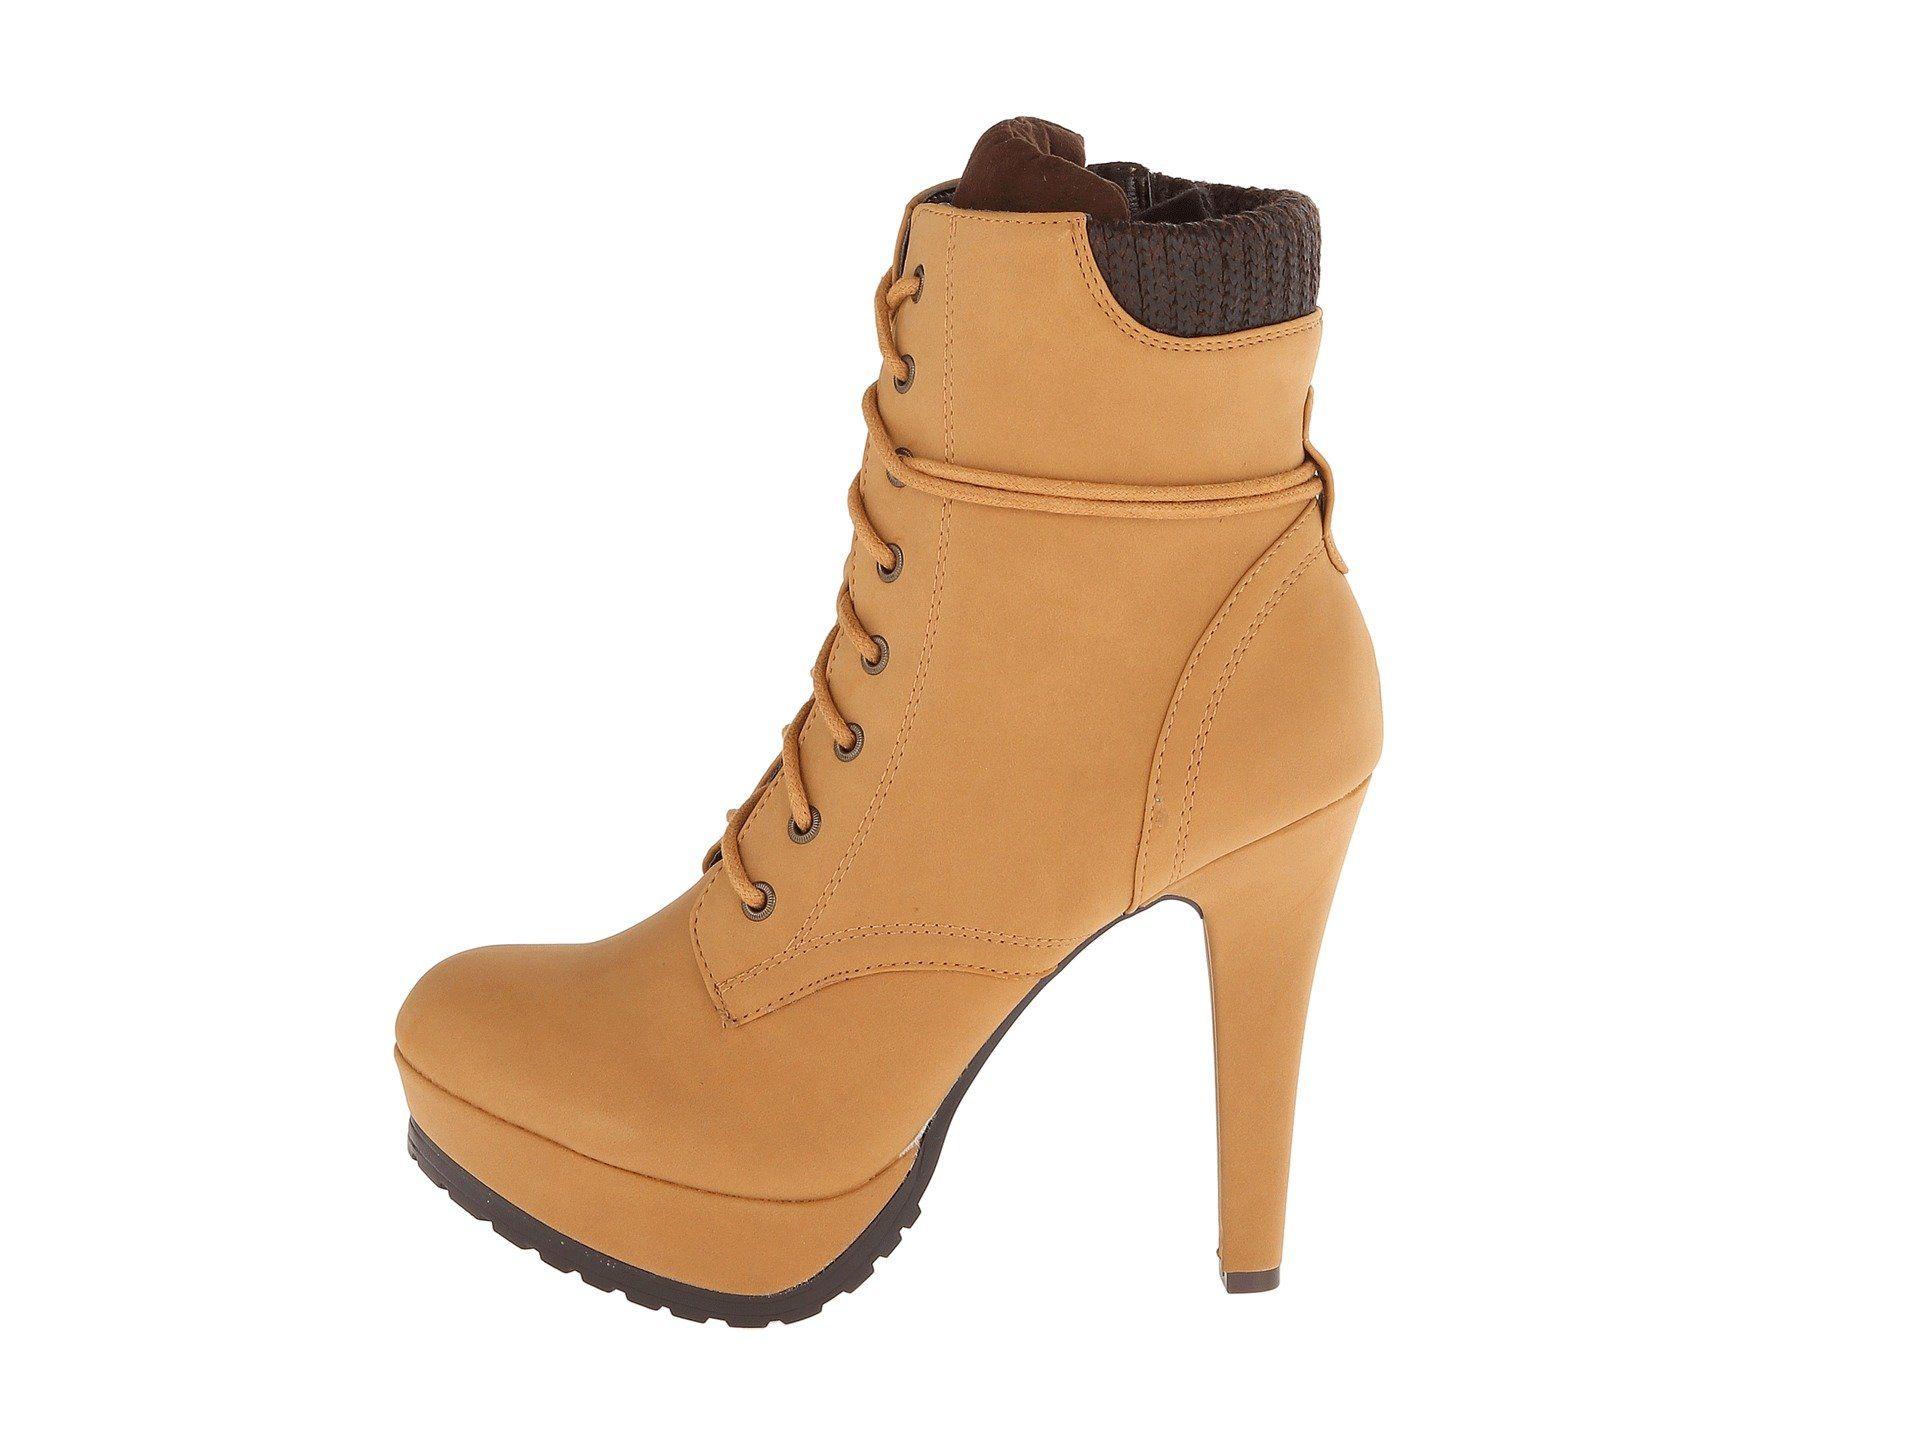 7c1b3921e1571 FootGift botte femme jaune en cuir a talon haut avec lacets bout rond EU36